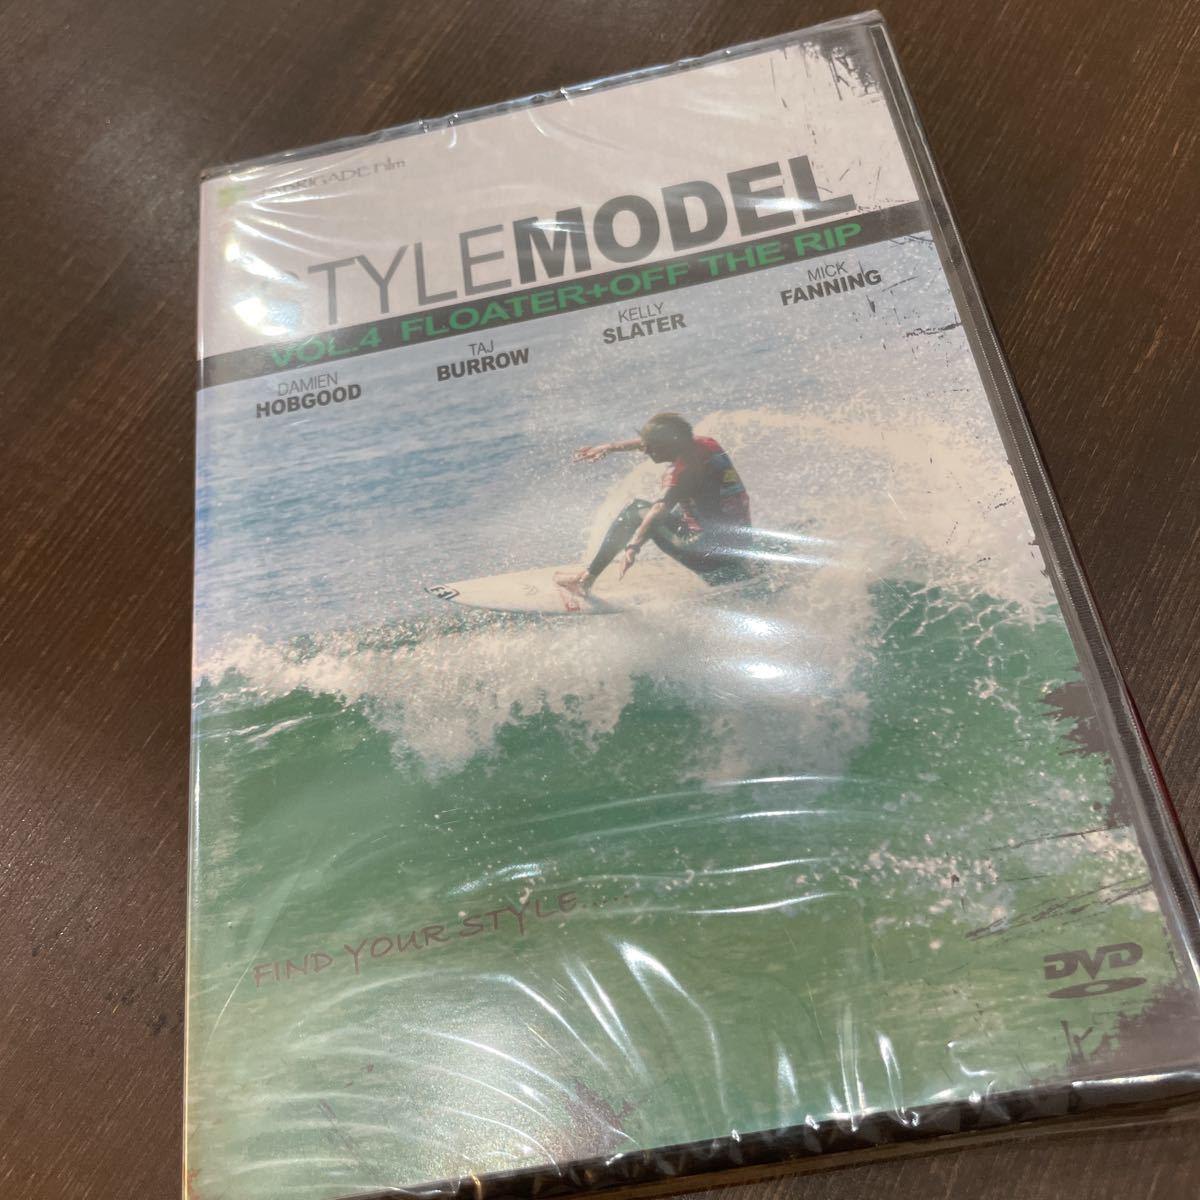 (DVD)スタイルモデルVOL.4フローター+オフザリップ DVD サーフ用 サーフィンDVD